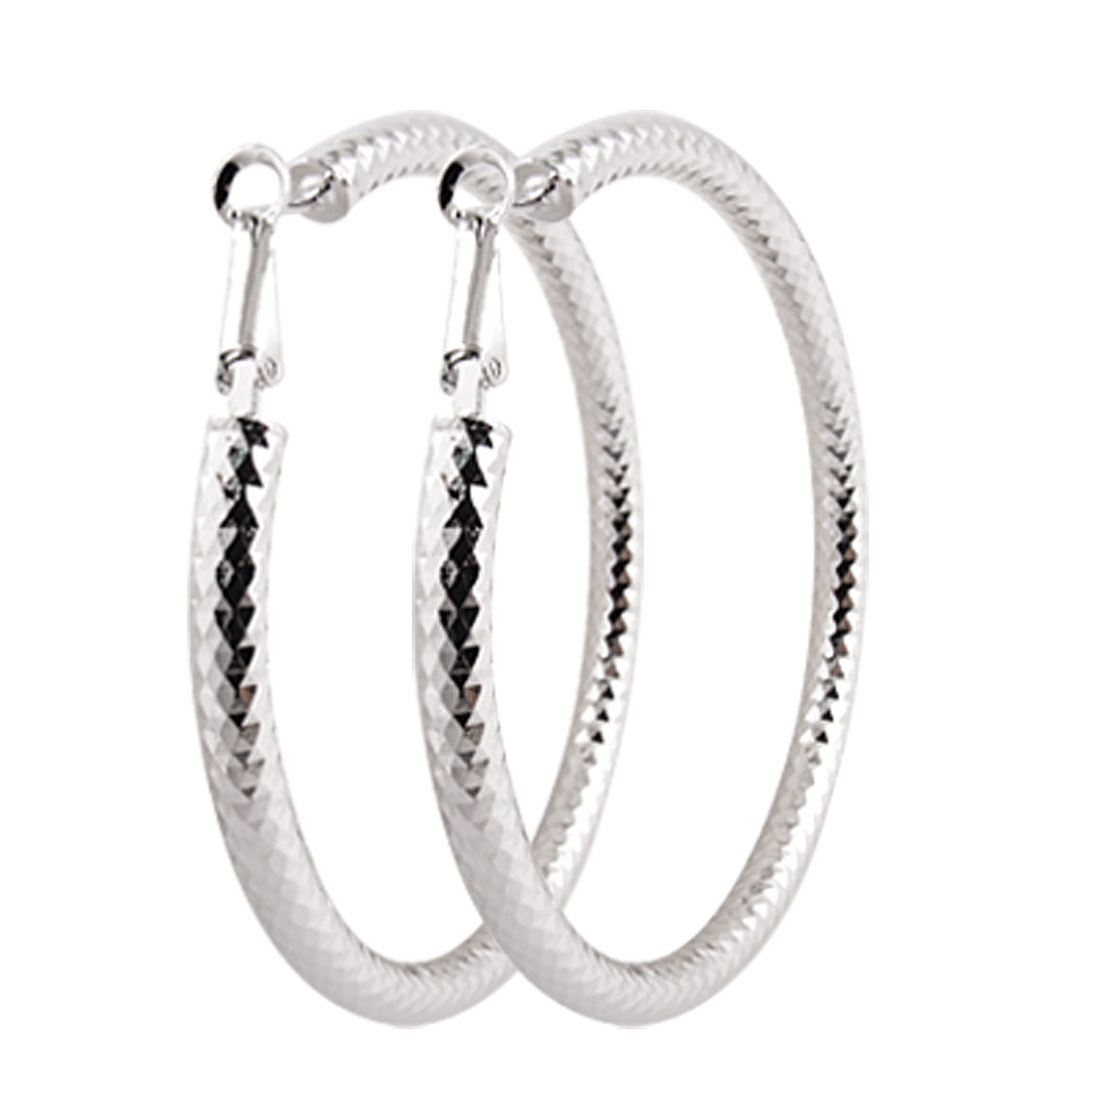 Pair Silver Tone Big Round Loop Hoop Earrings for Women